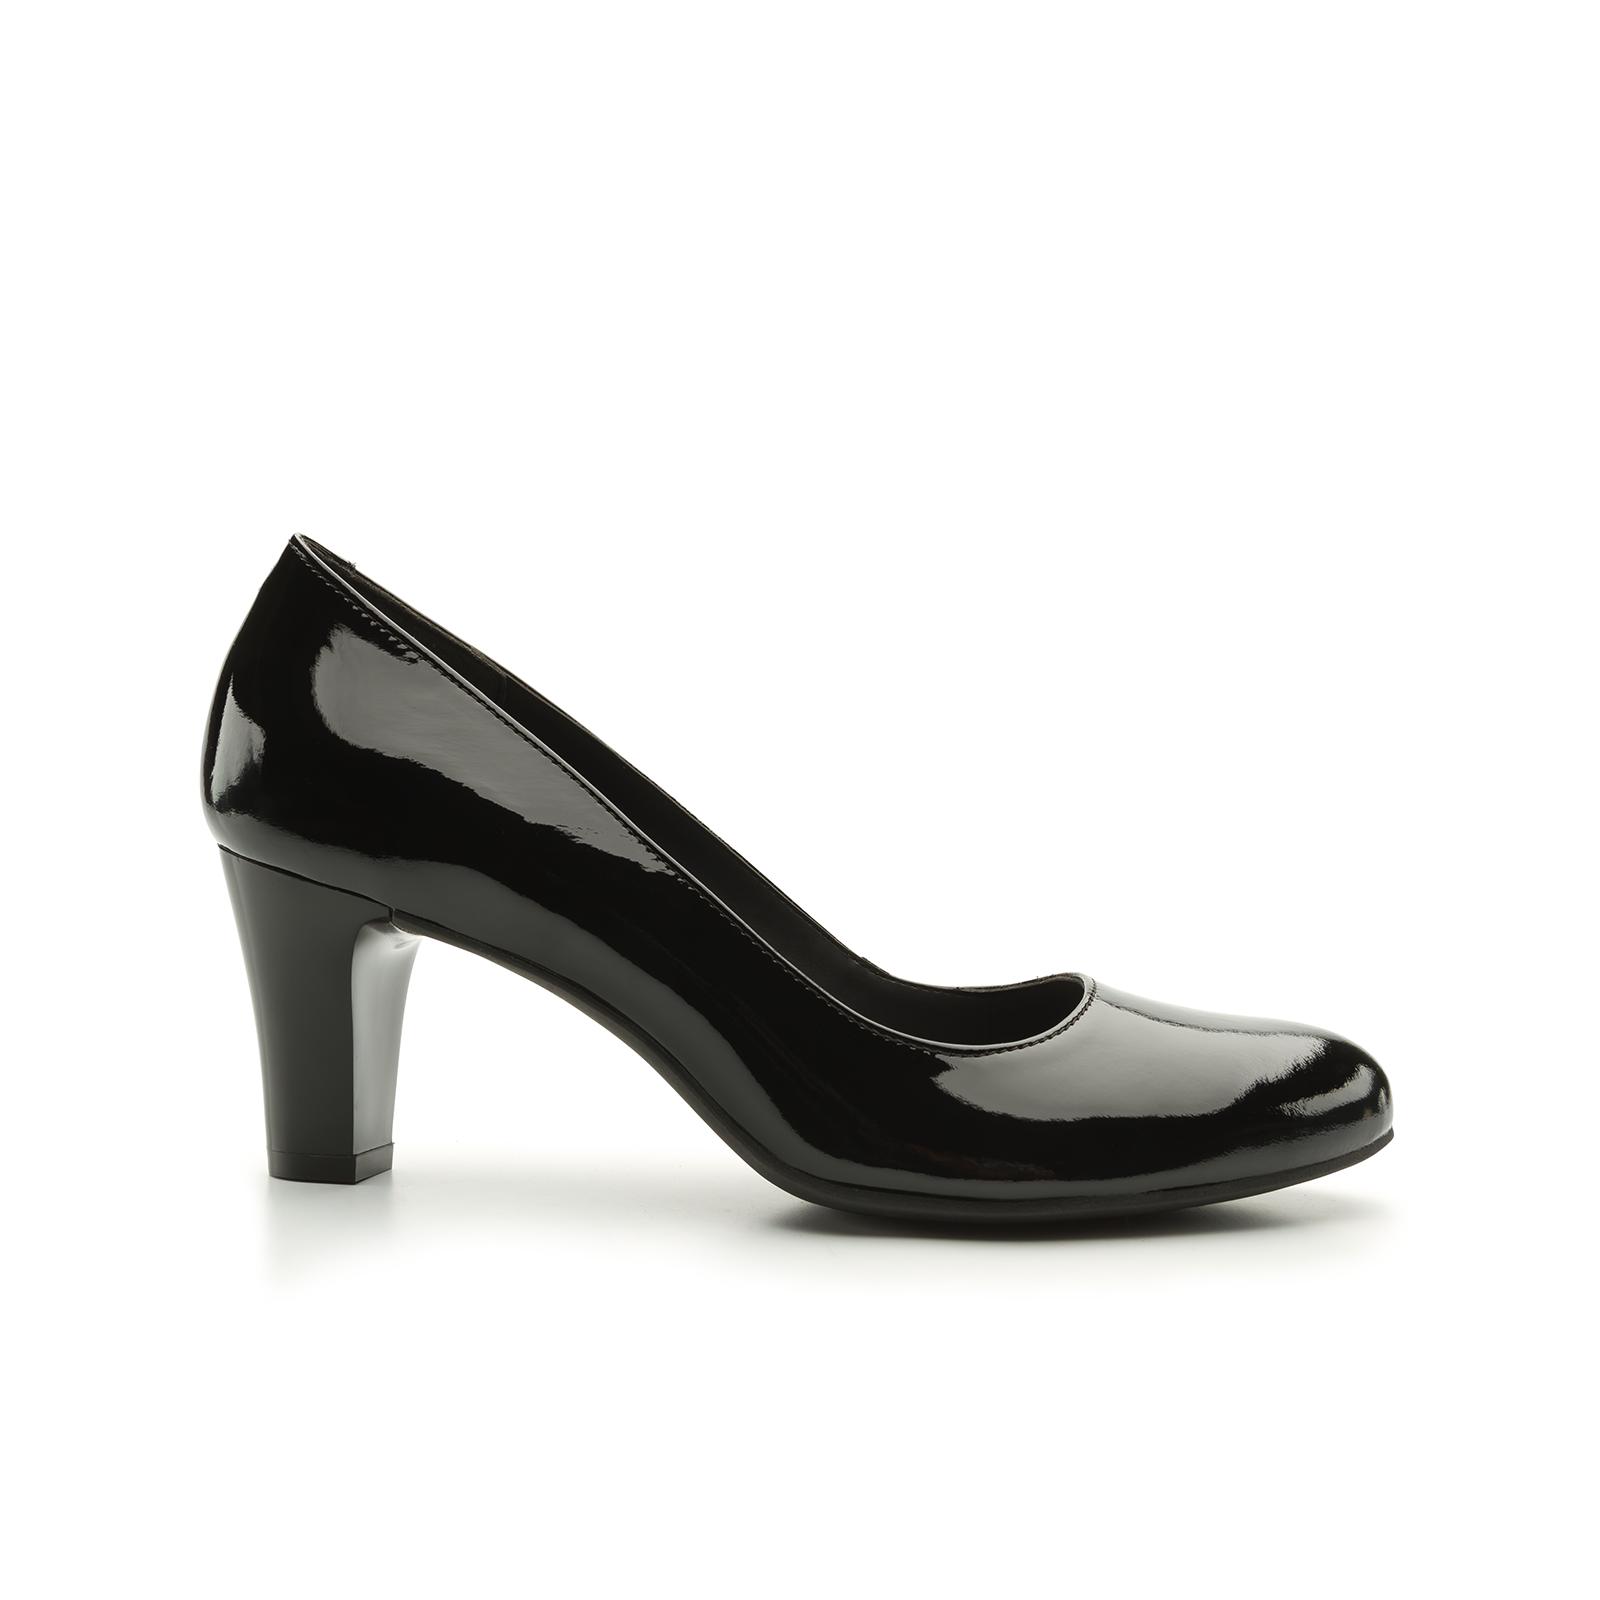 Zapatilla clásica charol | Zapatos, Charol y Zapatos flexi